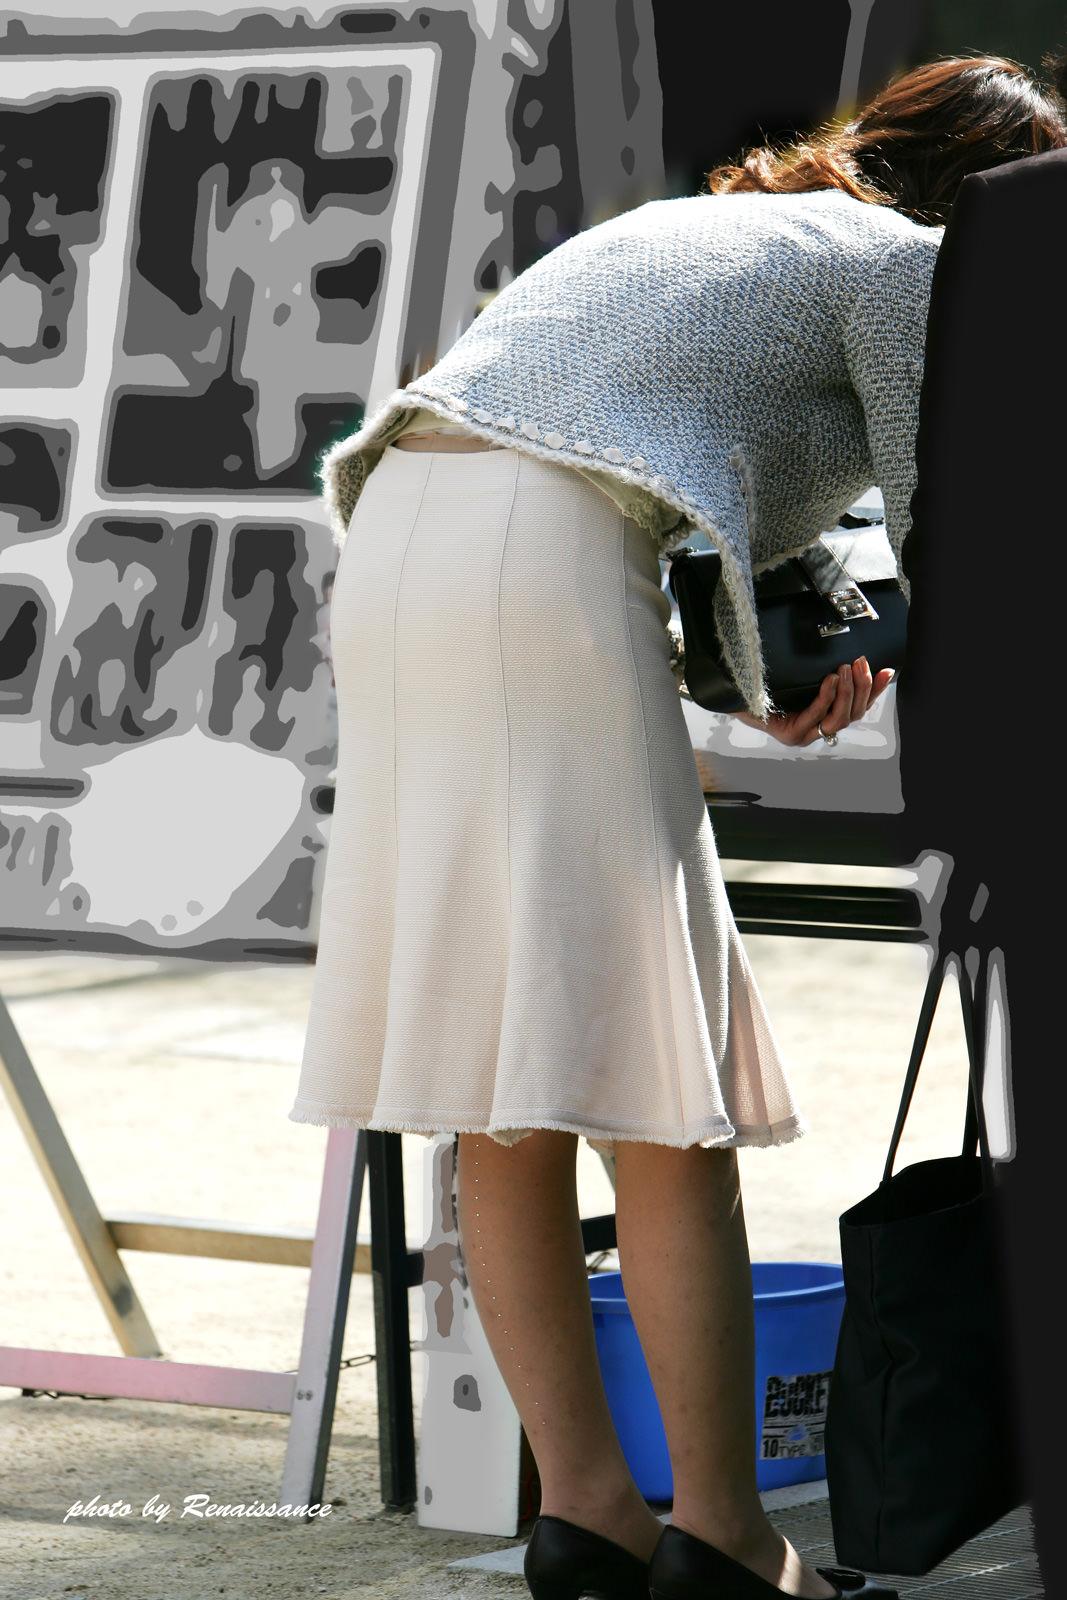 街で見かける人妻や熟女にエロスを感じるwwww隠し撮り画像放出wwwww 2517 1